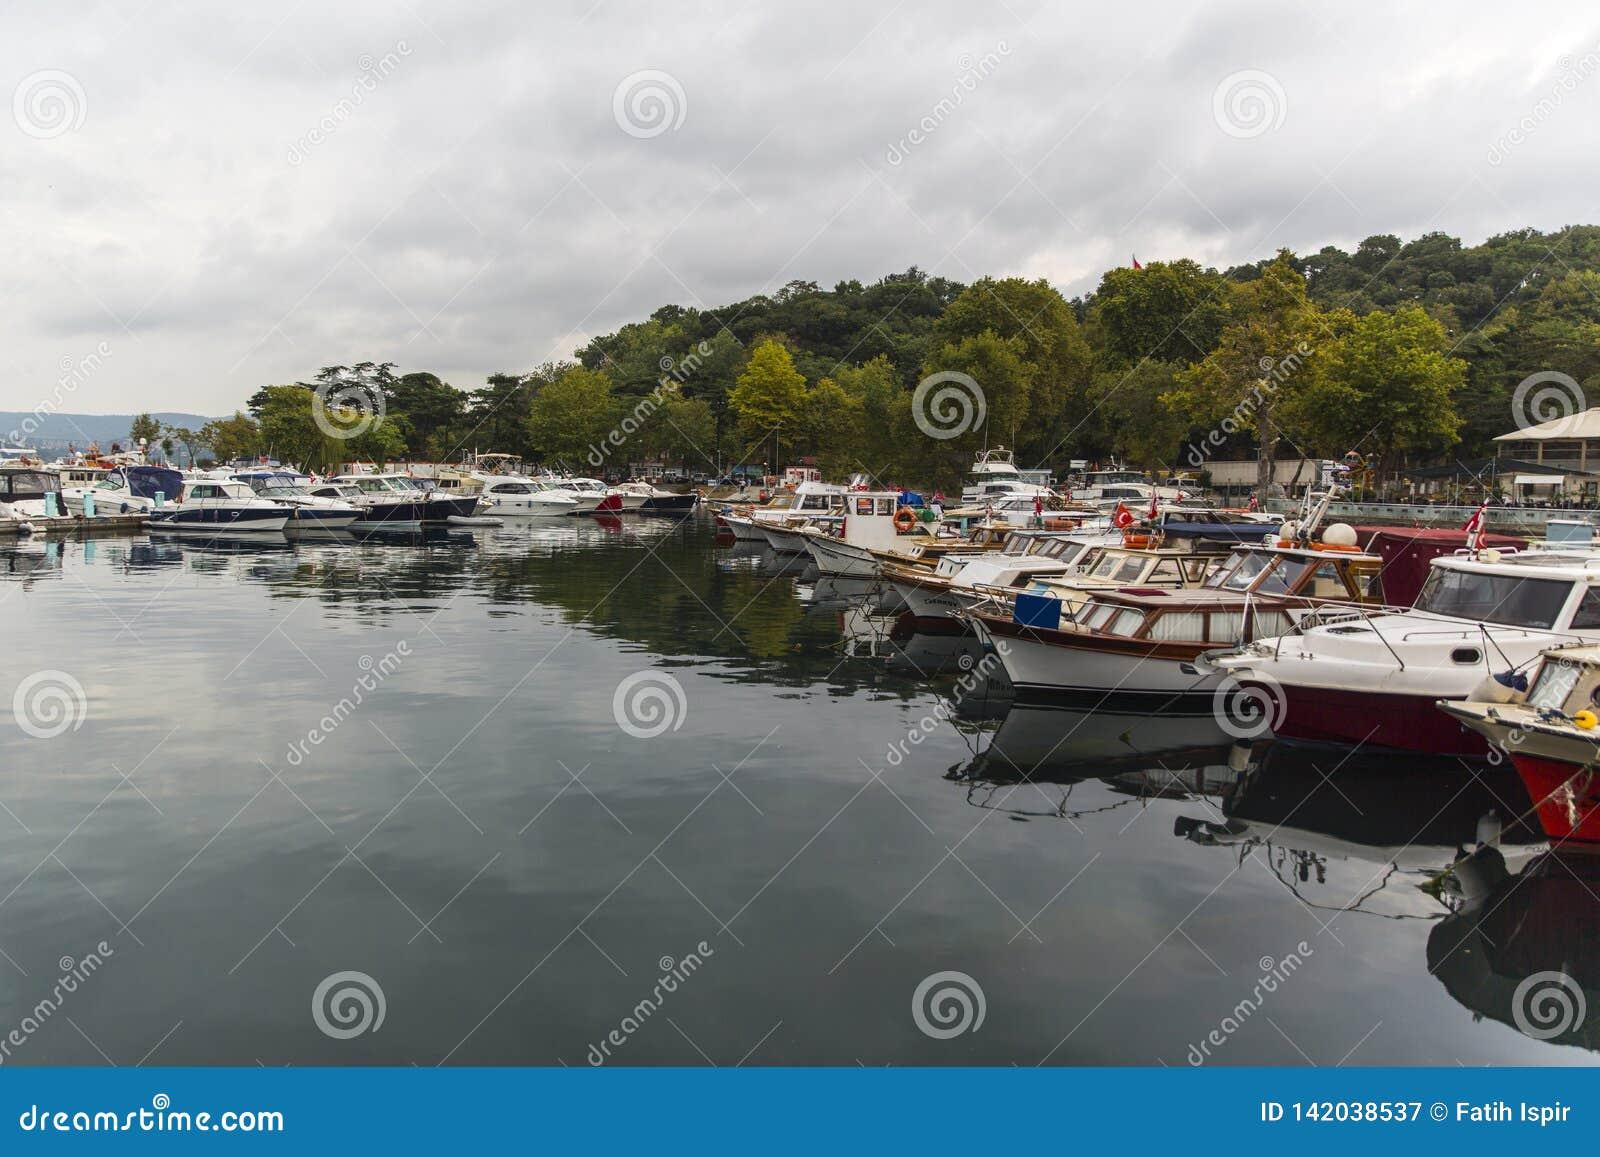 Boat Harbor in Istanbul Turkey